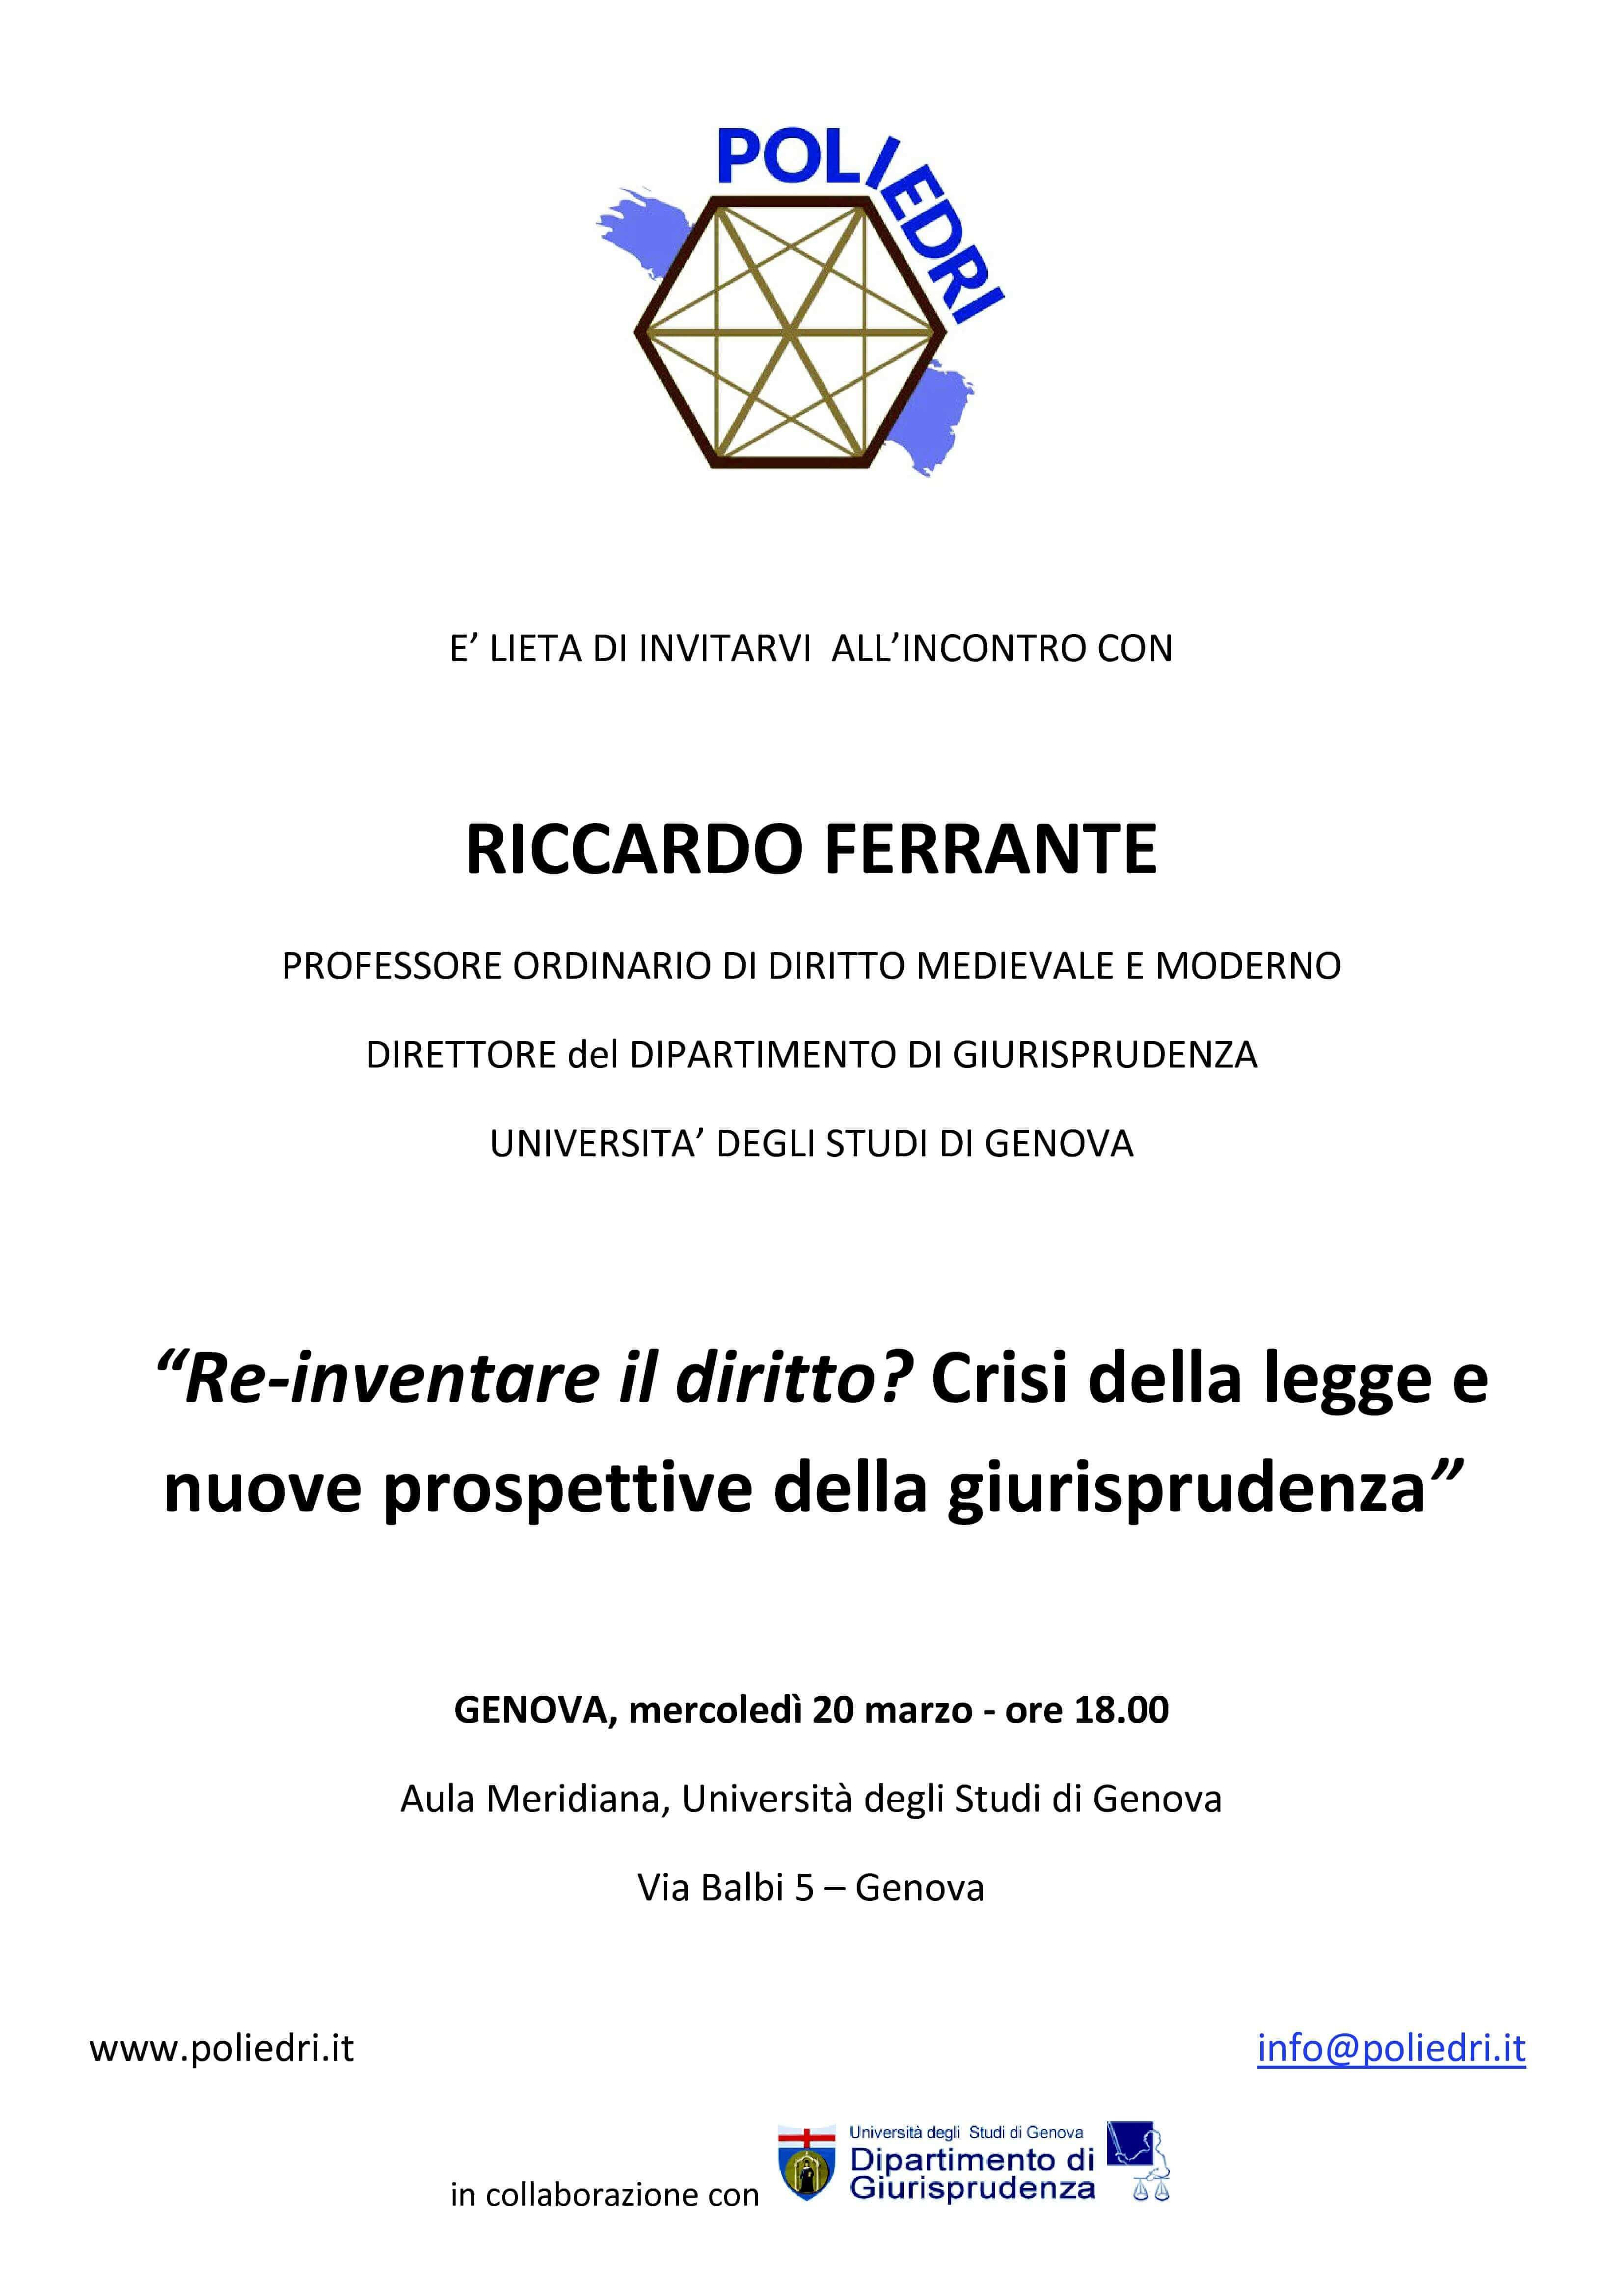 poliedri Invito Ferrante 11